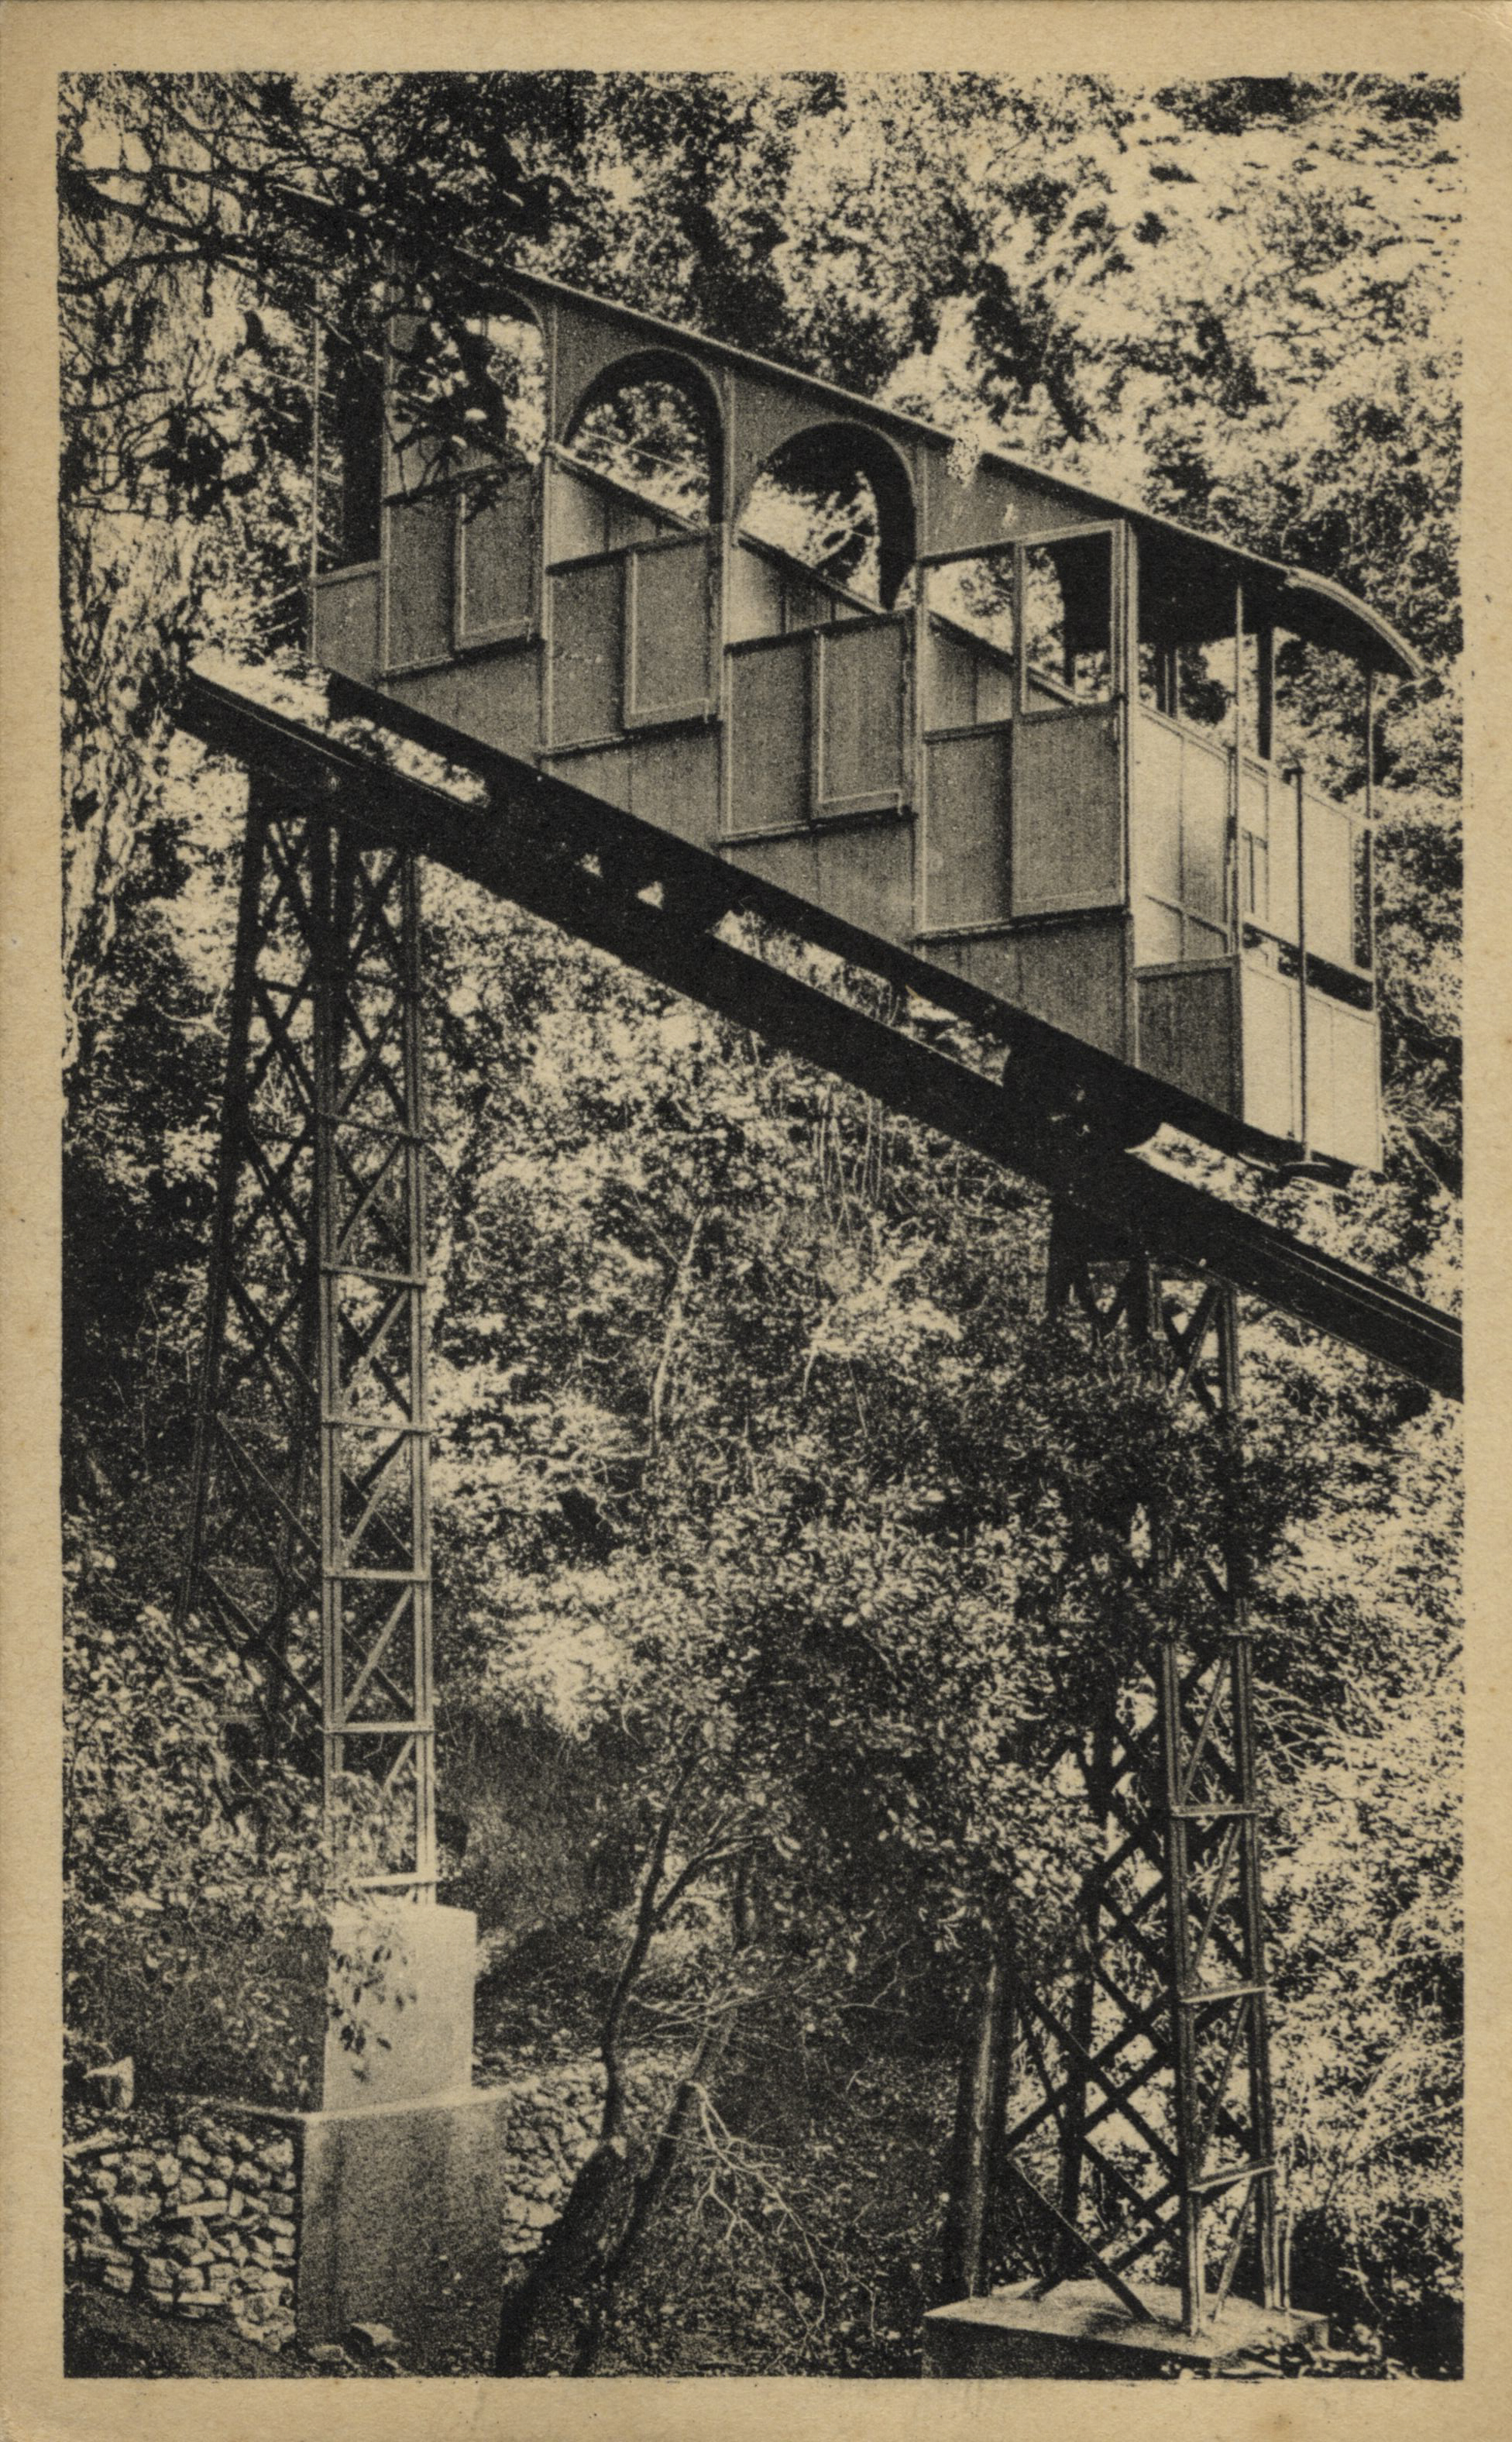 Montserrat album de postals 20101124111646693 girada girada